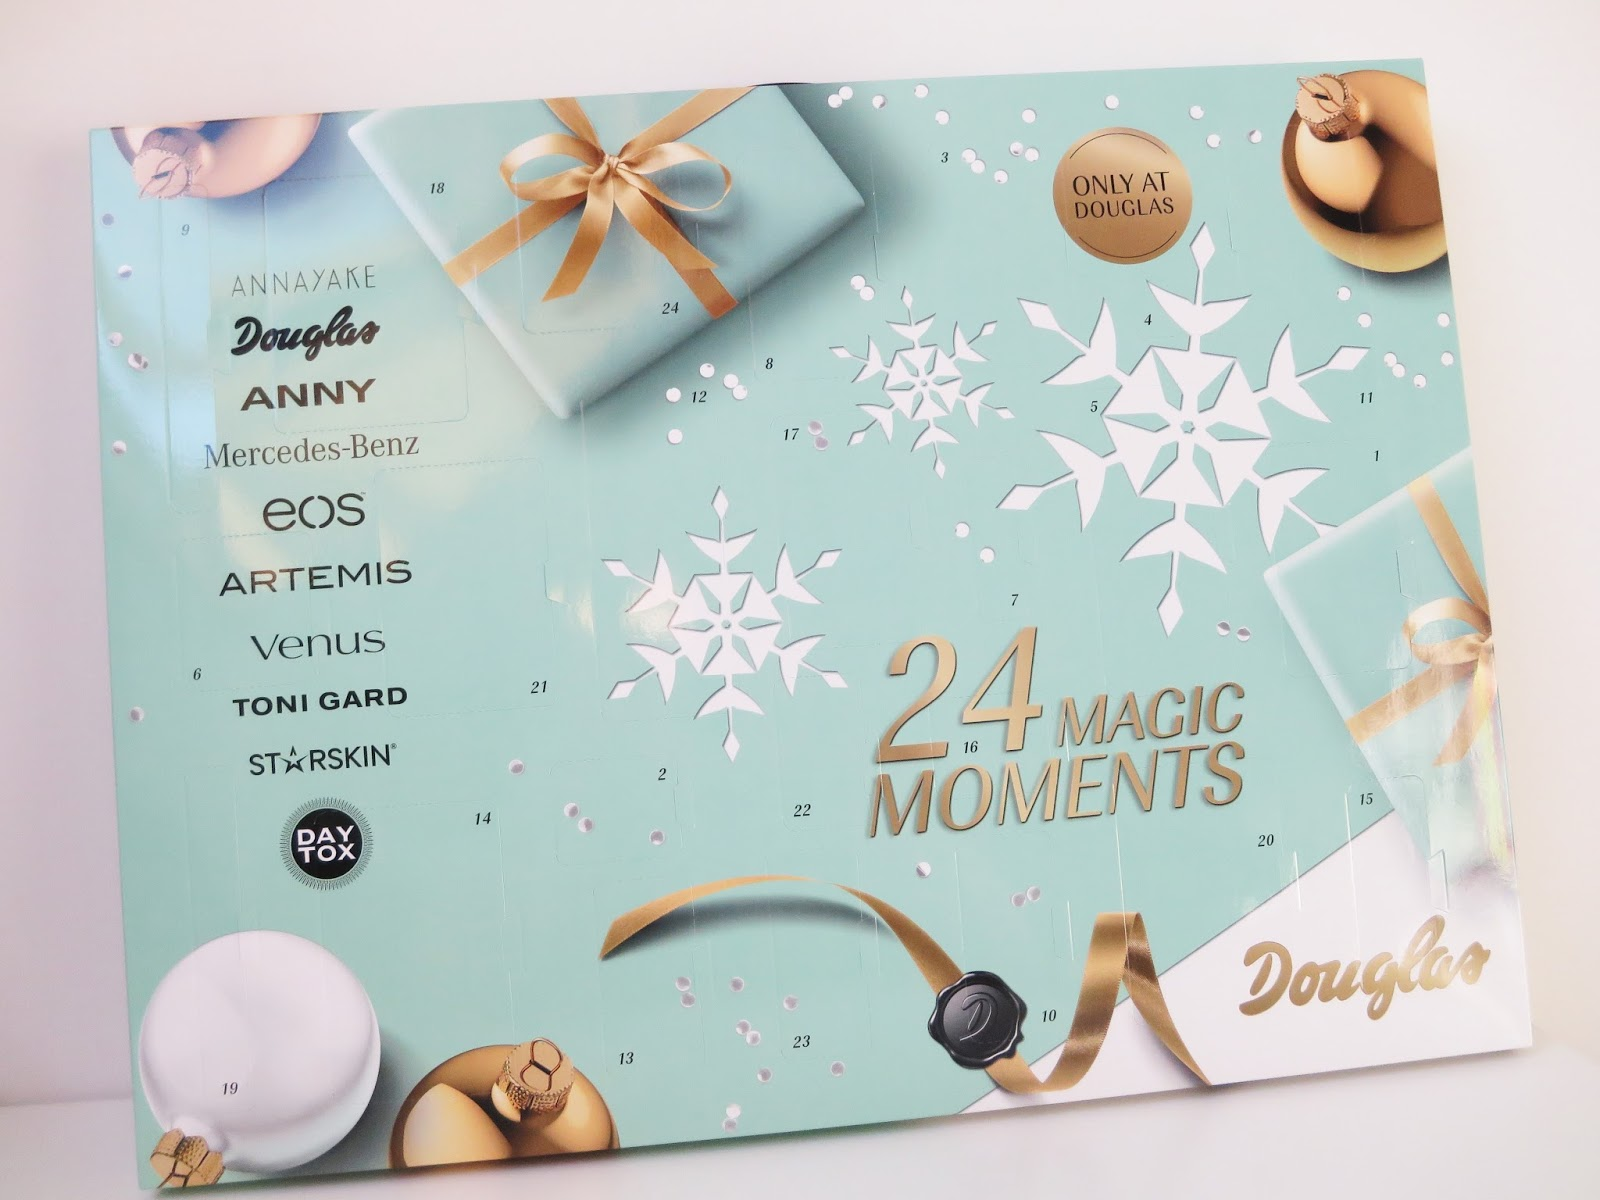 douglas 24 magic moments adventskalender spoiler. Black Bedroom Furniture Sets. Home Design Ideas